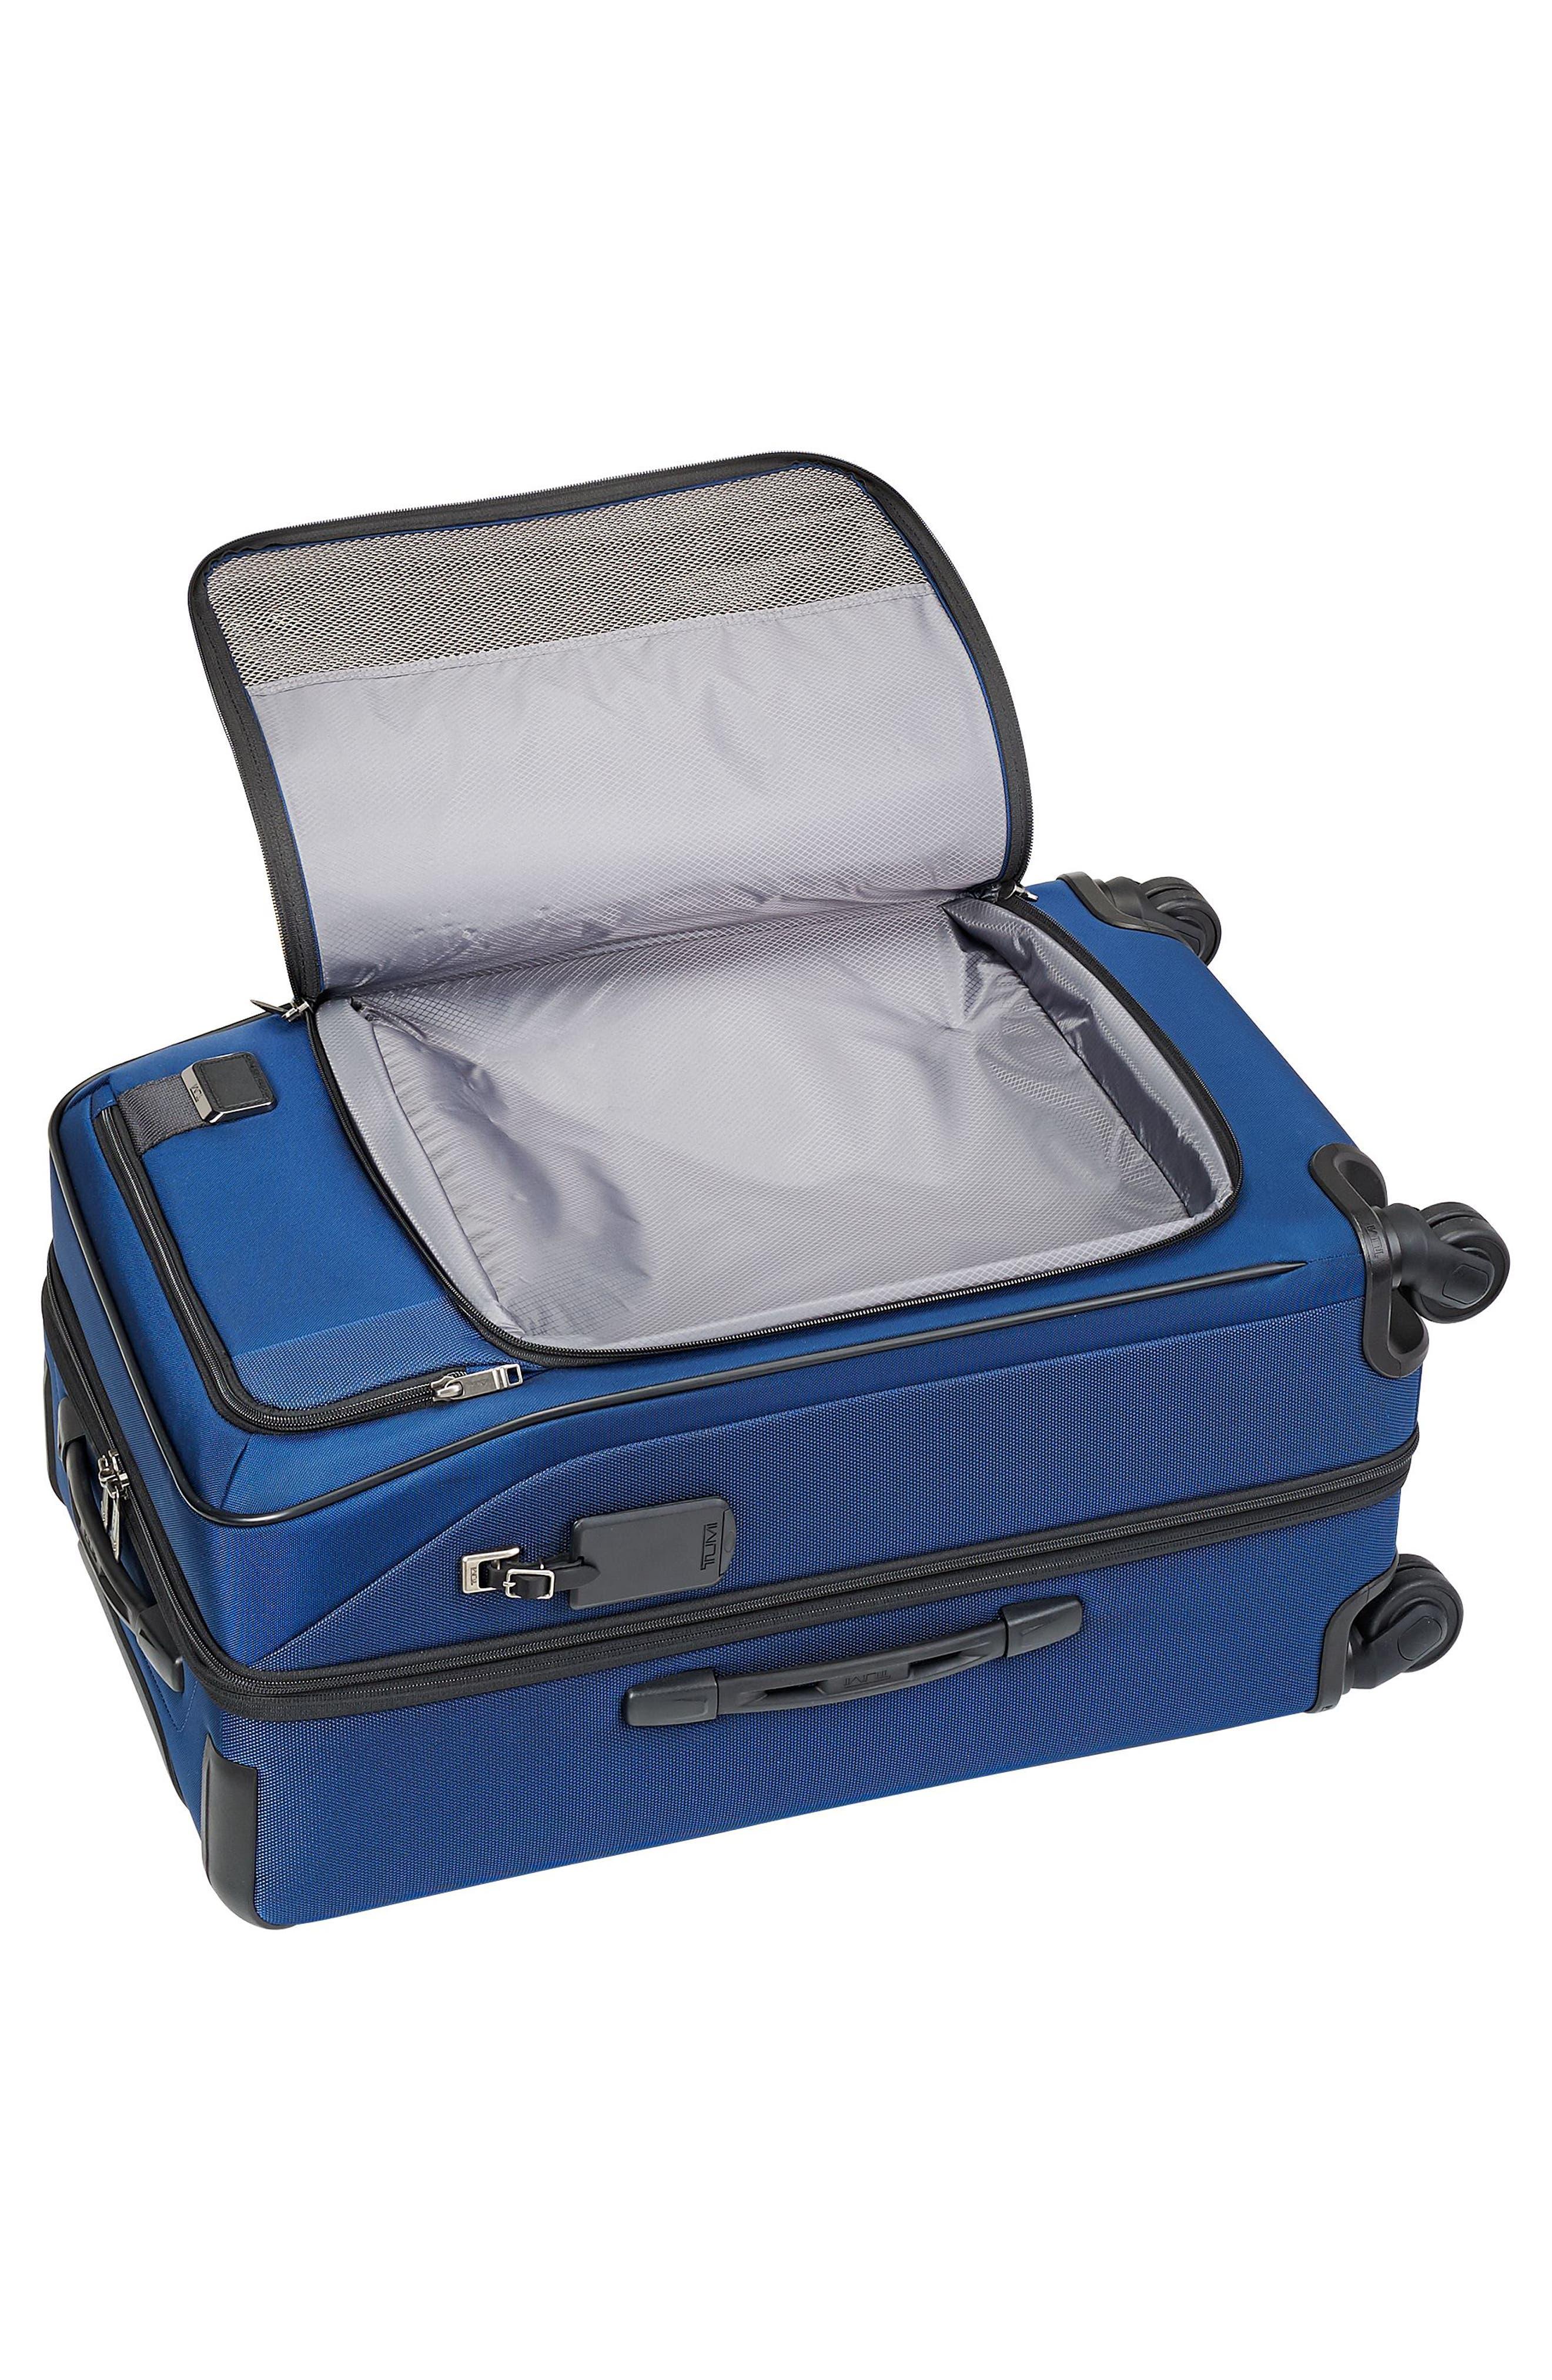 Merge - Short Trip Expandable Rolling Suitcase,                             Alternate thumbnail 5, color,                             OCEAN BLUE